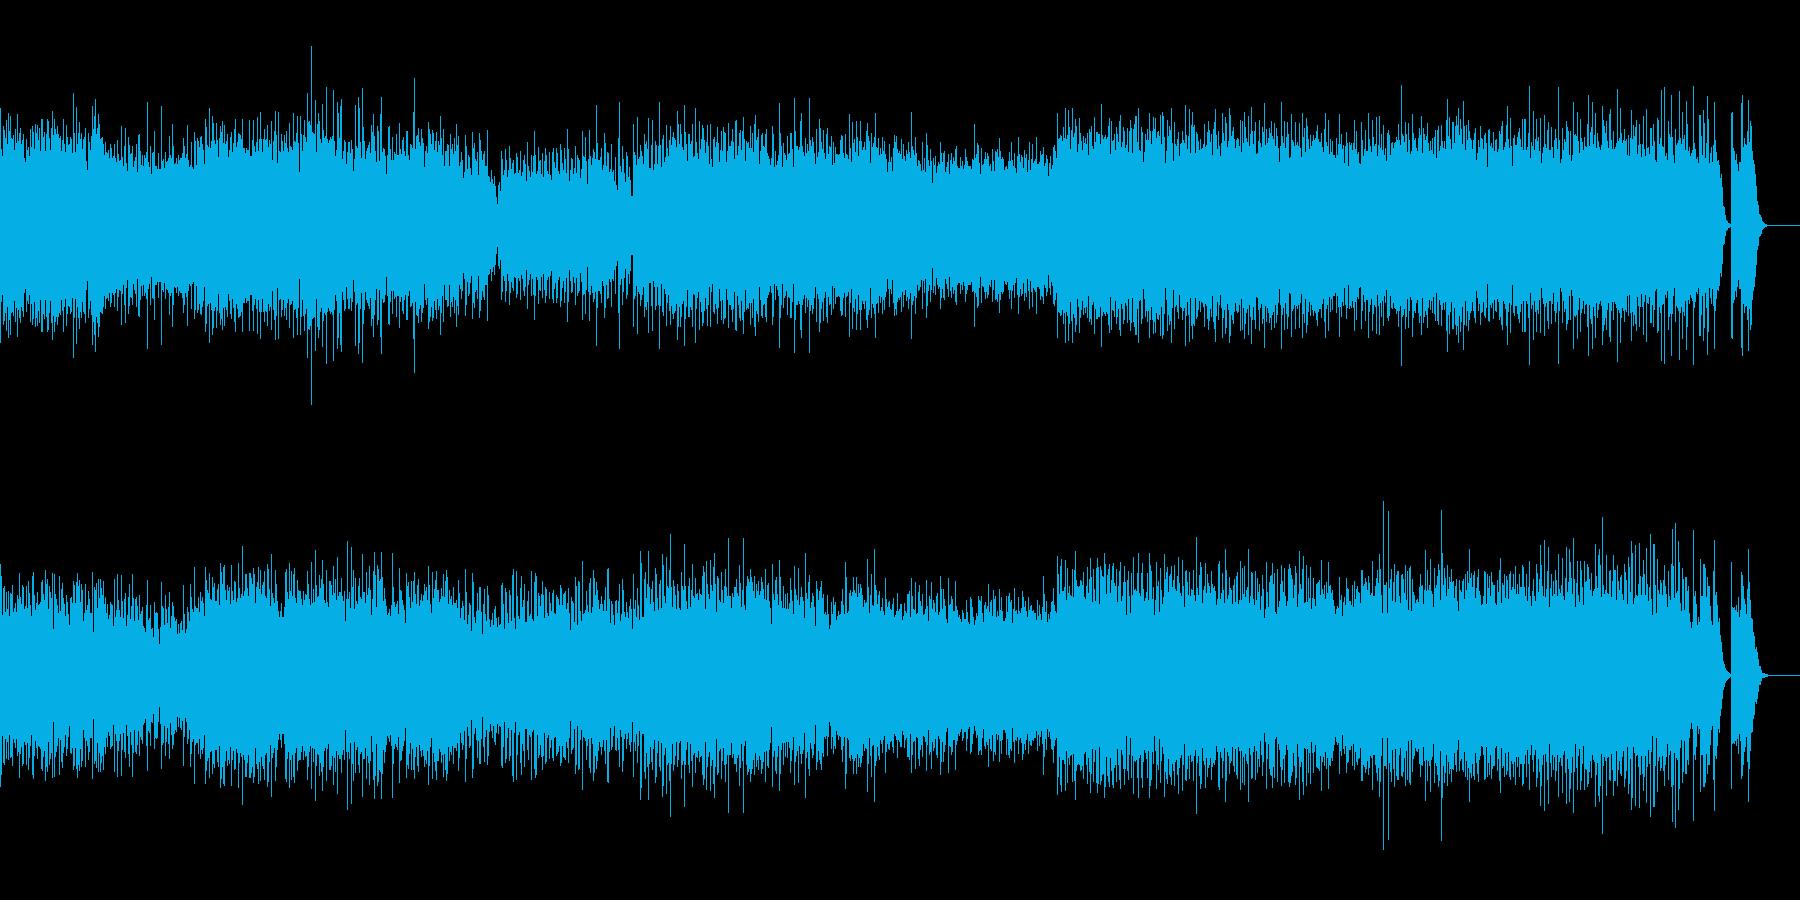 セントポール組曲 第一楽章ジーグの再生済みの波形